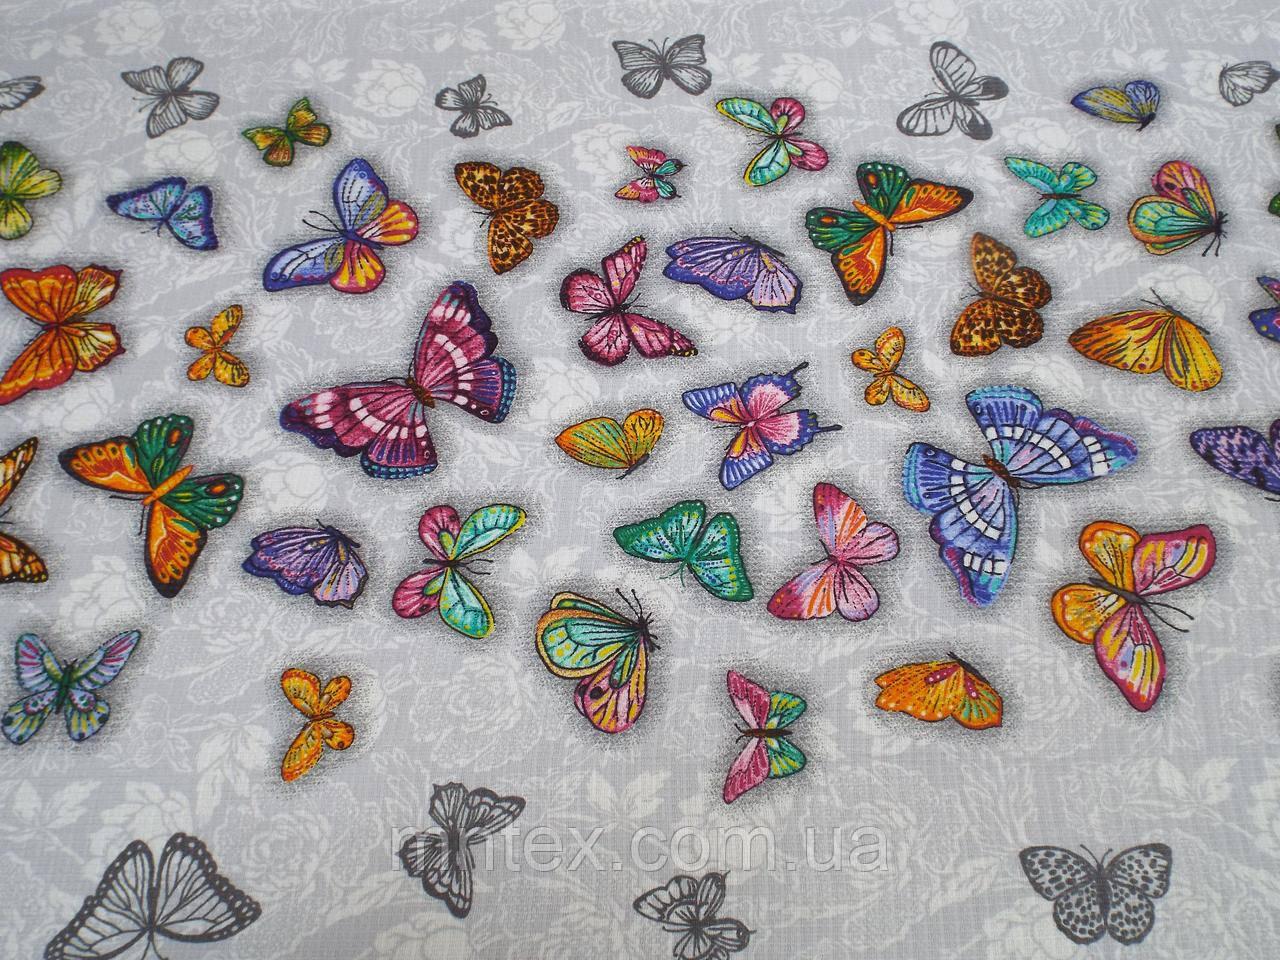 Тканина Вафельна Ширина 50 см. Метелики